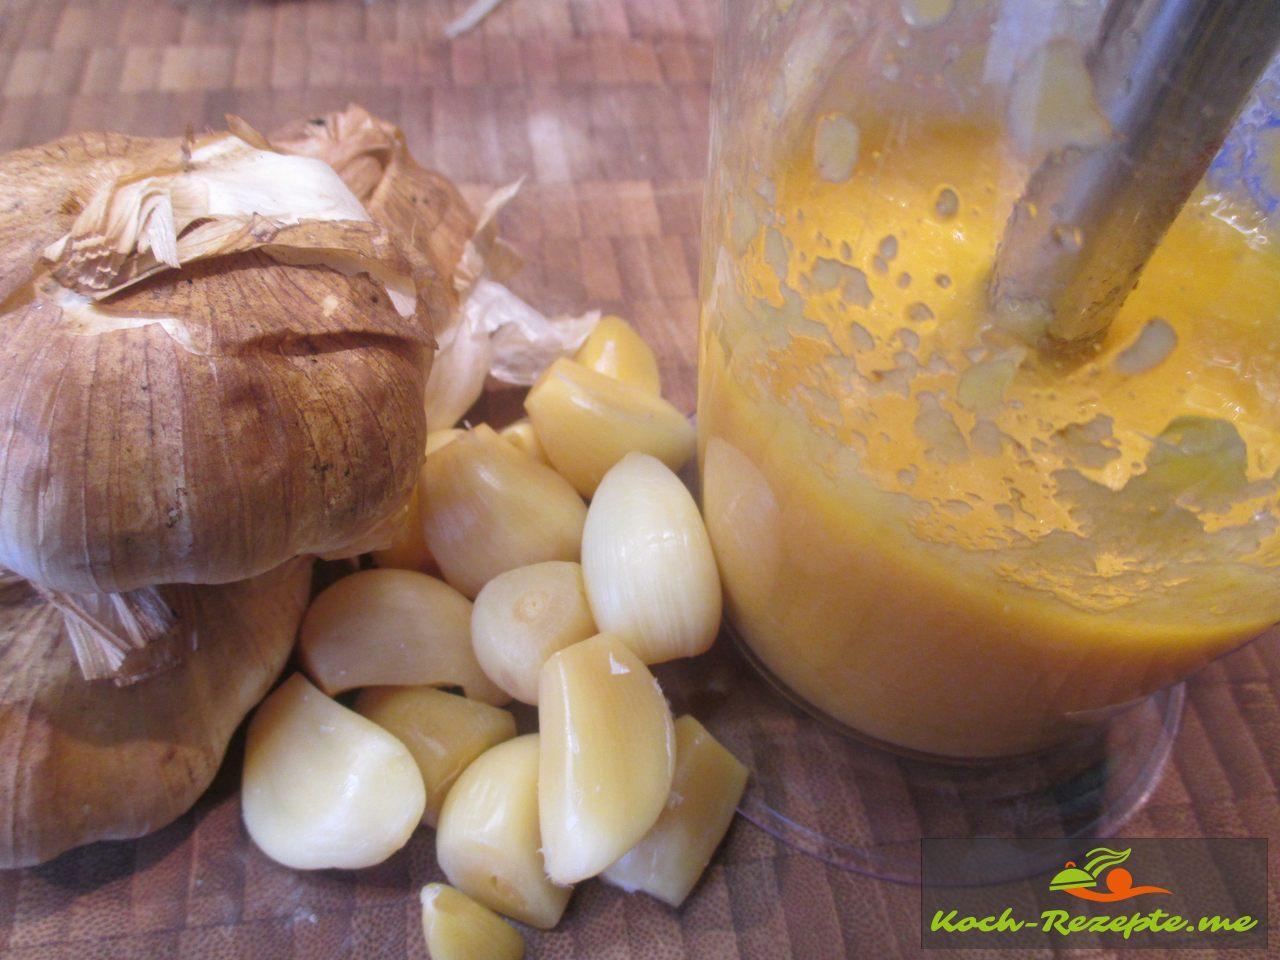 Zutatenfür Aioli: Rapsöl, geräucherte Knoblauch, Meersalz, Rauchsalz, Pfeffer, Zitronensaft